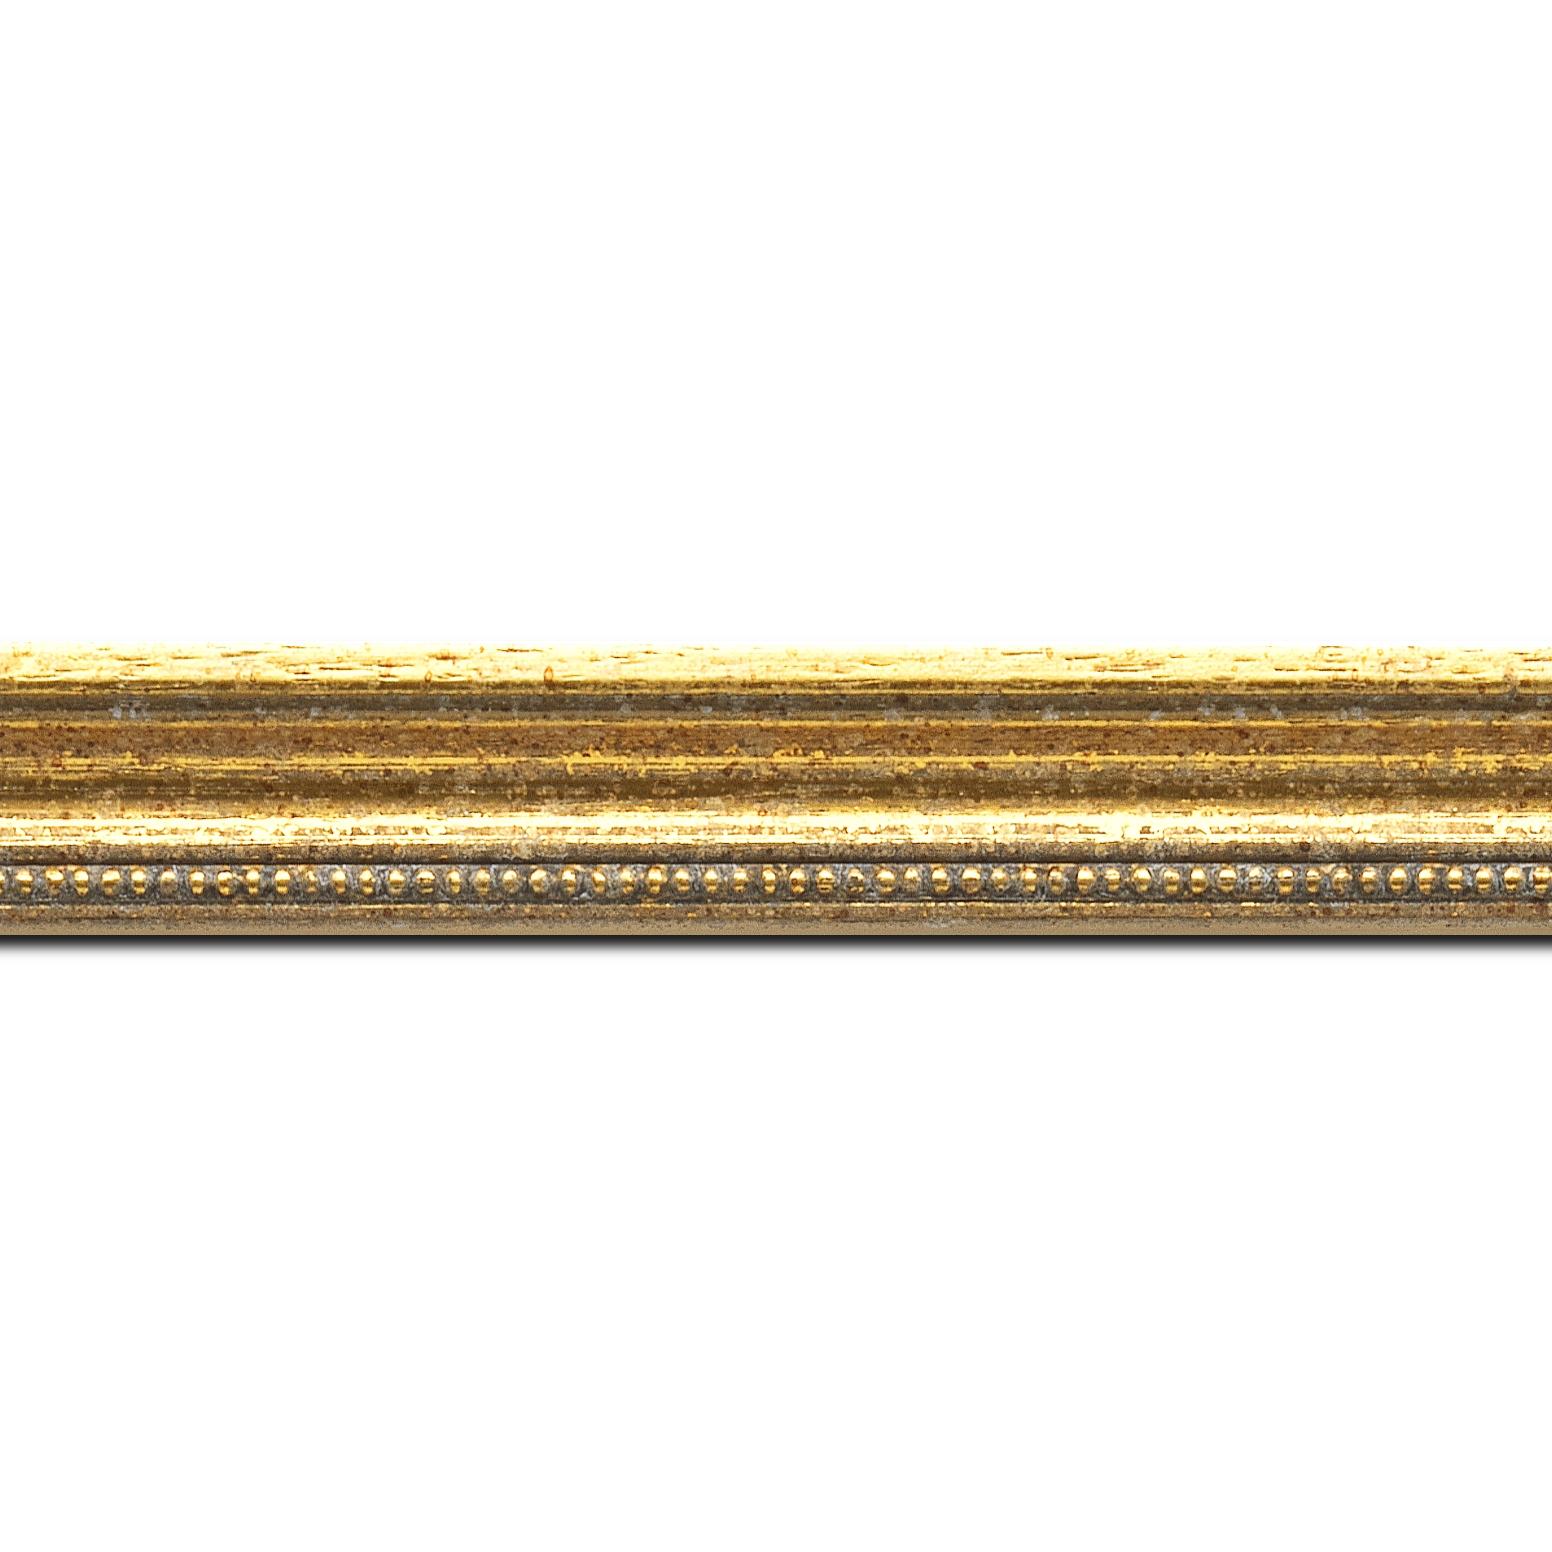 Baguette longueur 1.40m bois profil incuvé largeur 2.4cm  or antique gorge or filet perle or